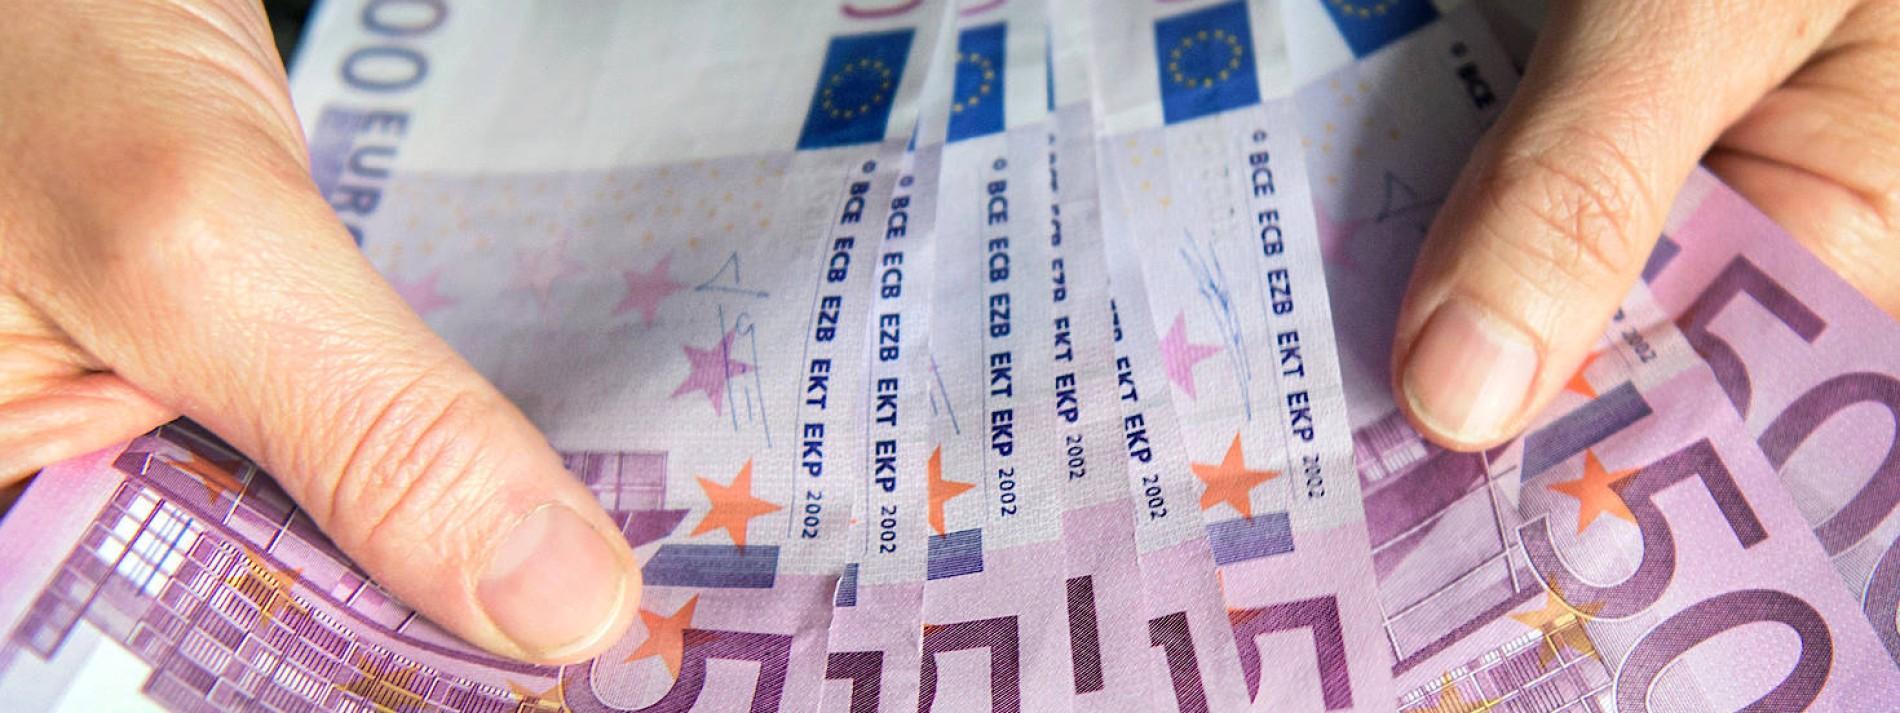 Der 500-Euro-Schein hält sich zäh